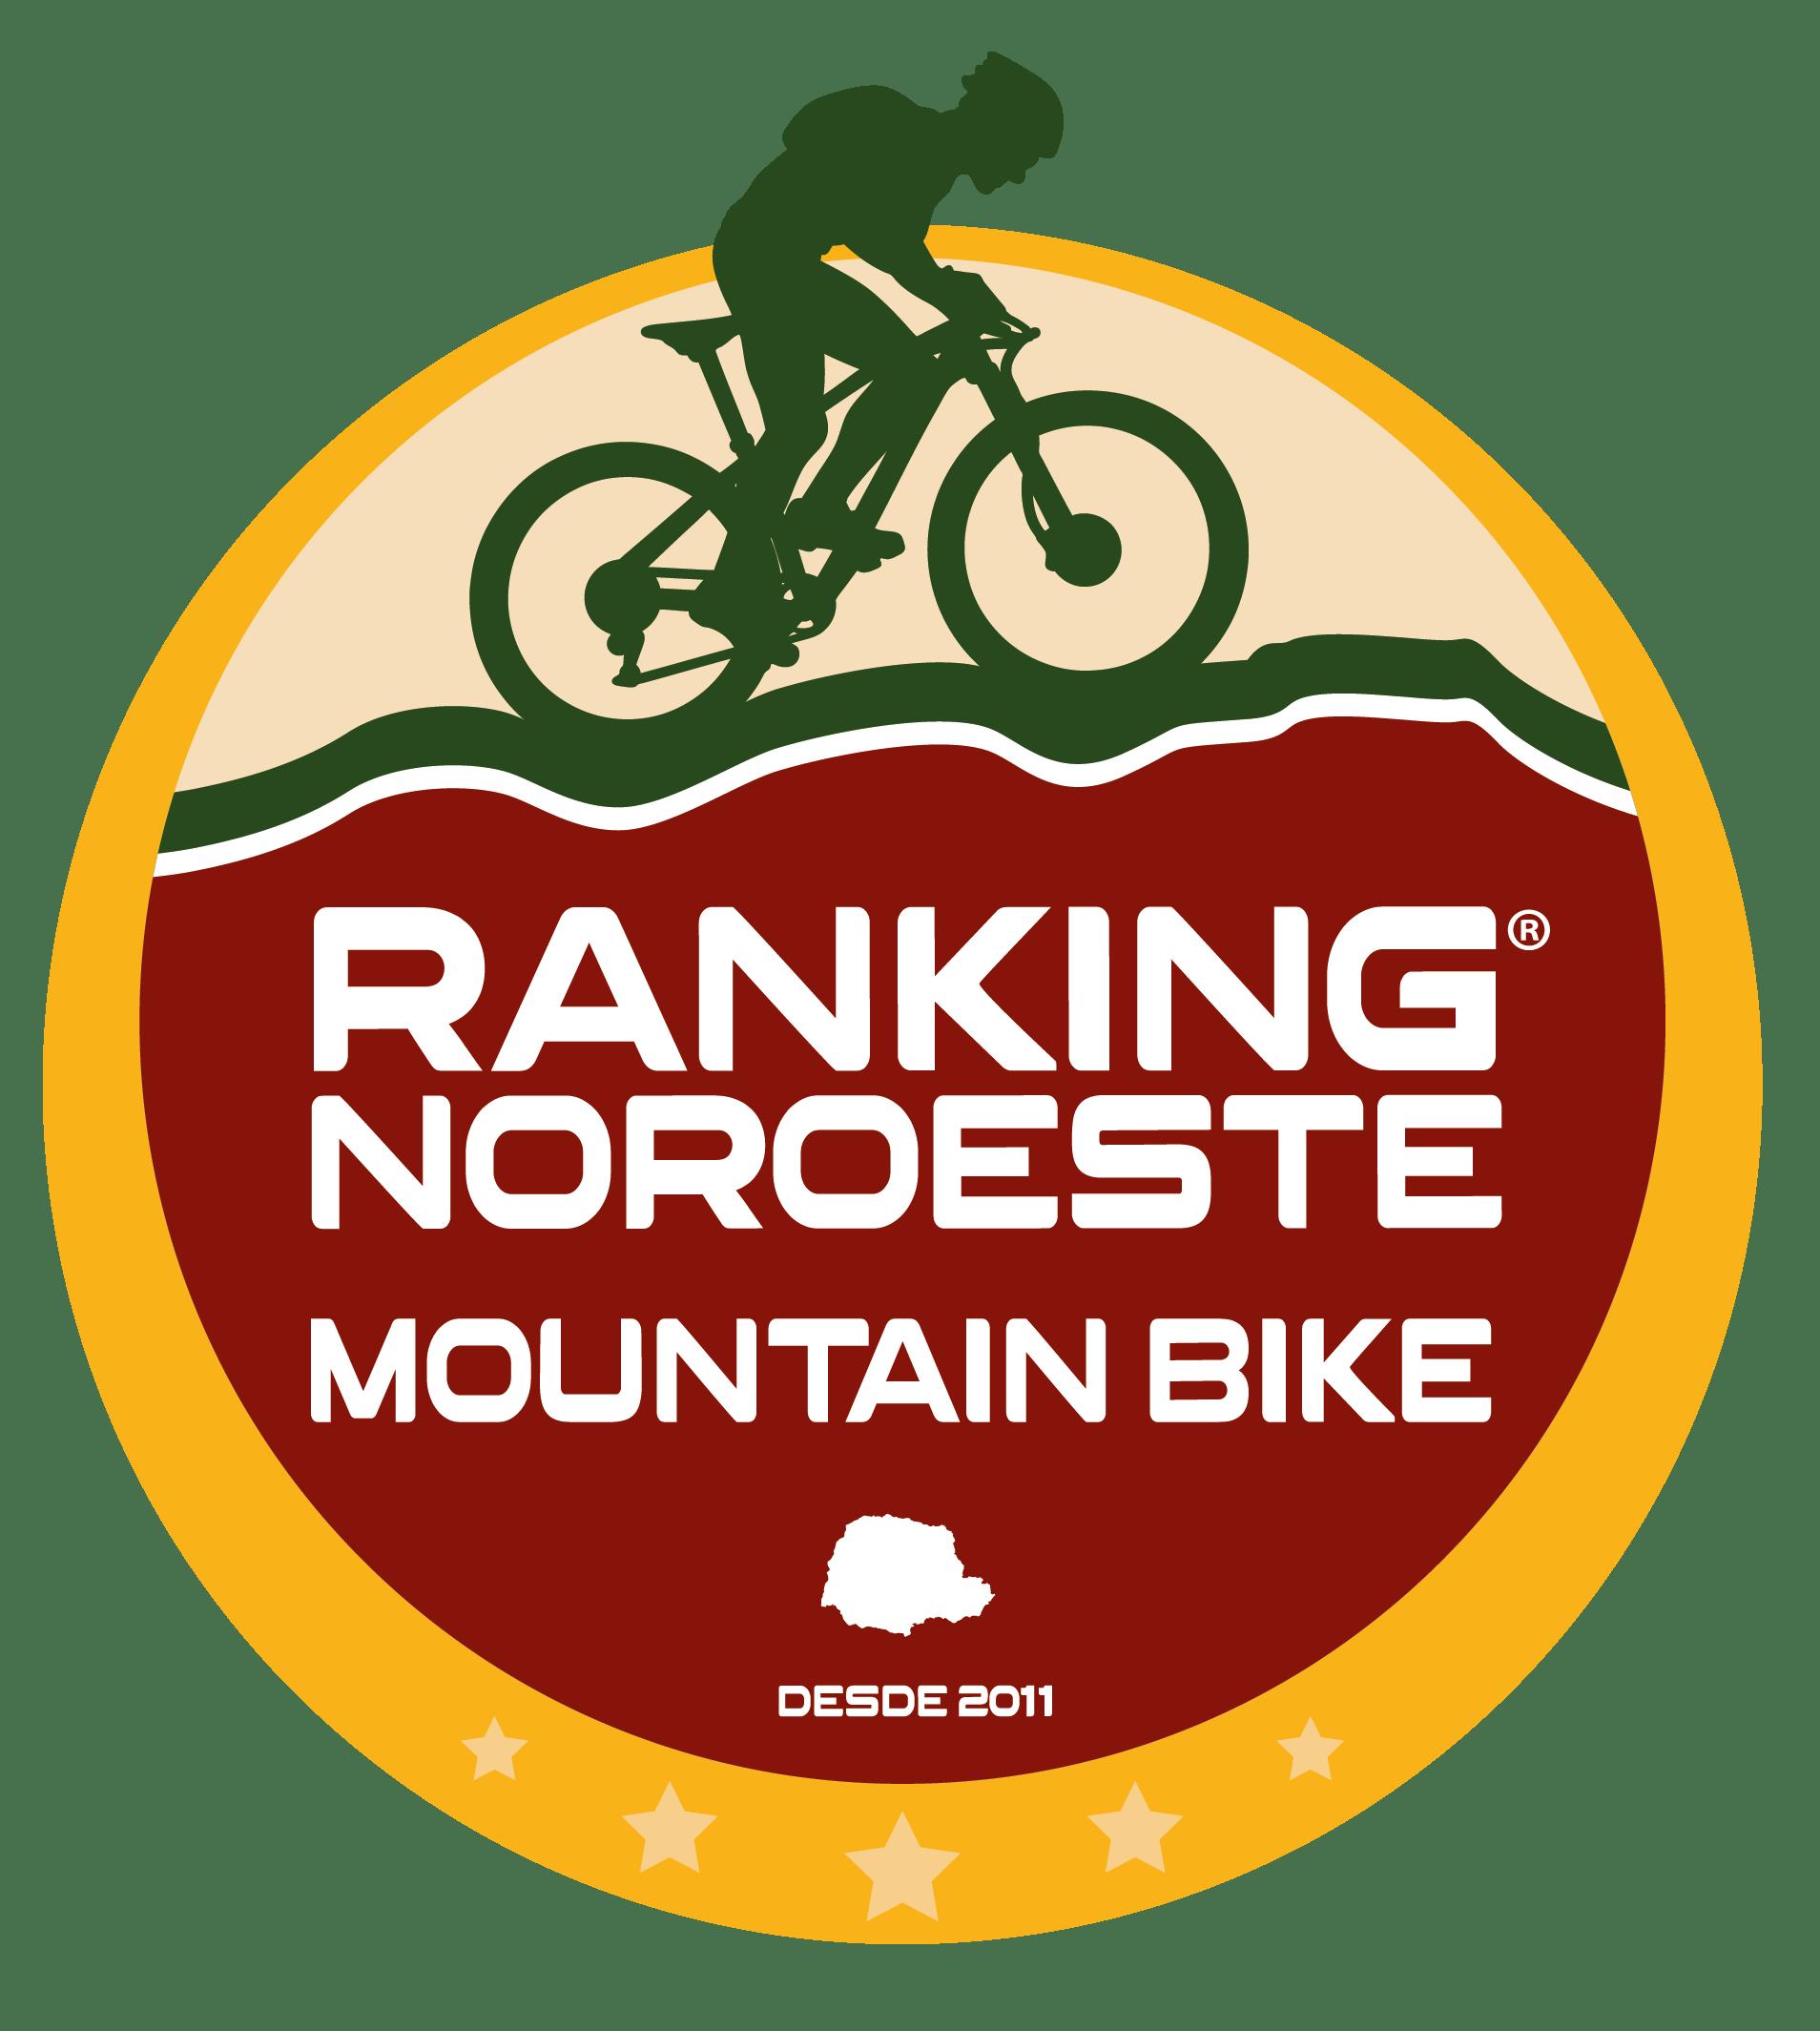 Ranking Noroeste de Ciclismo